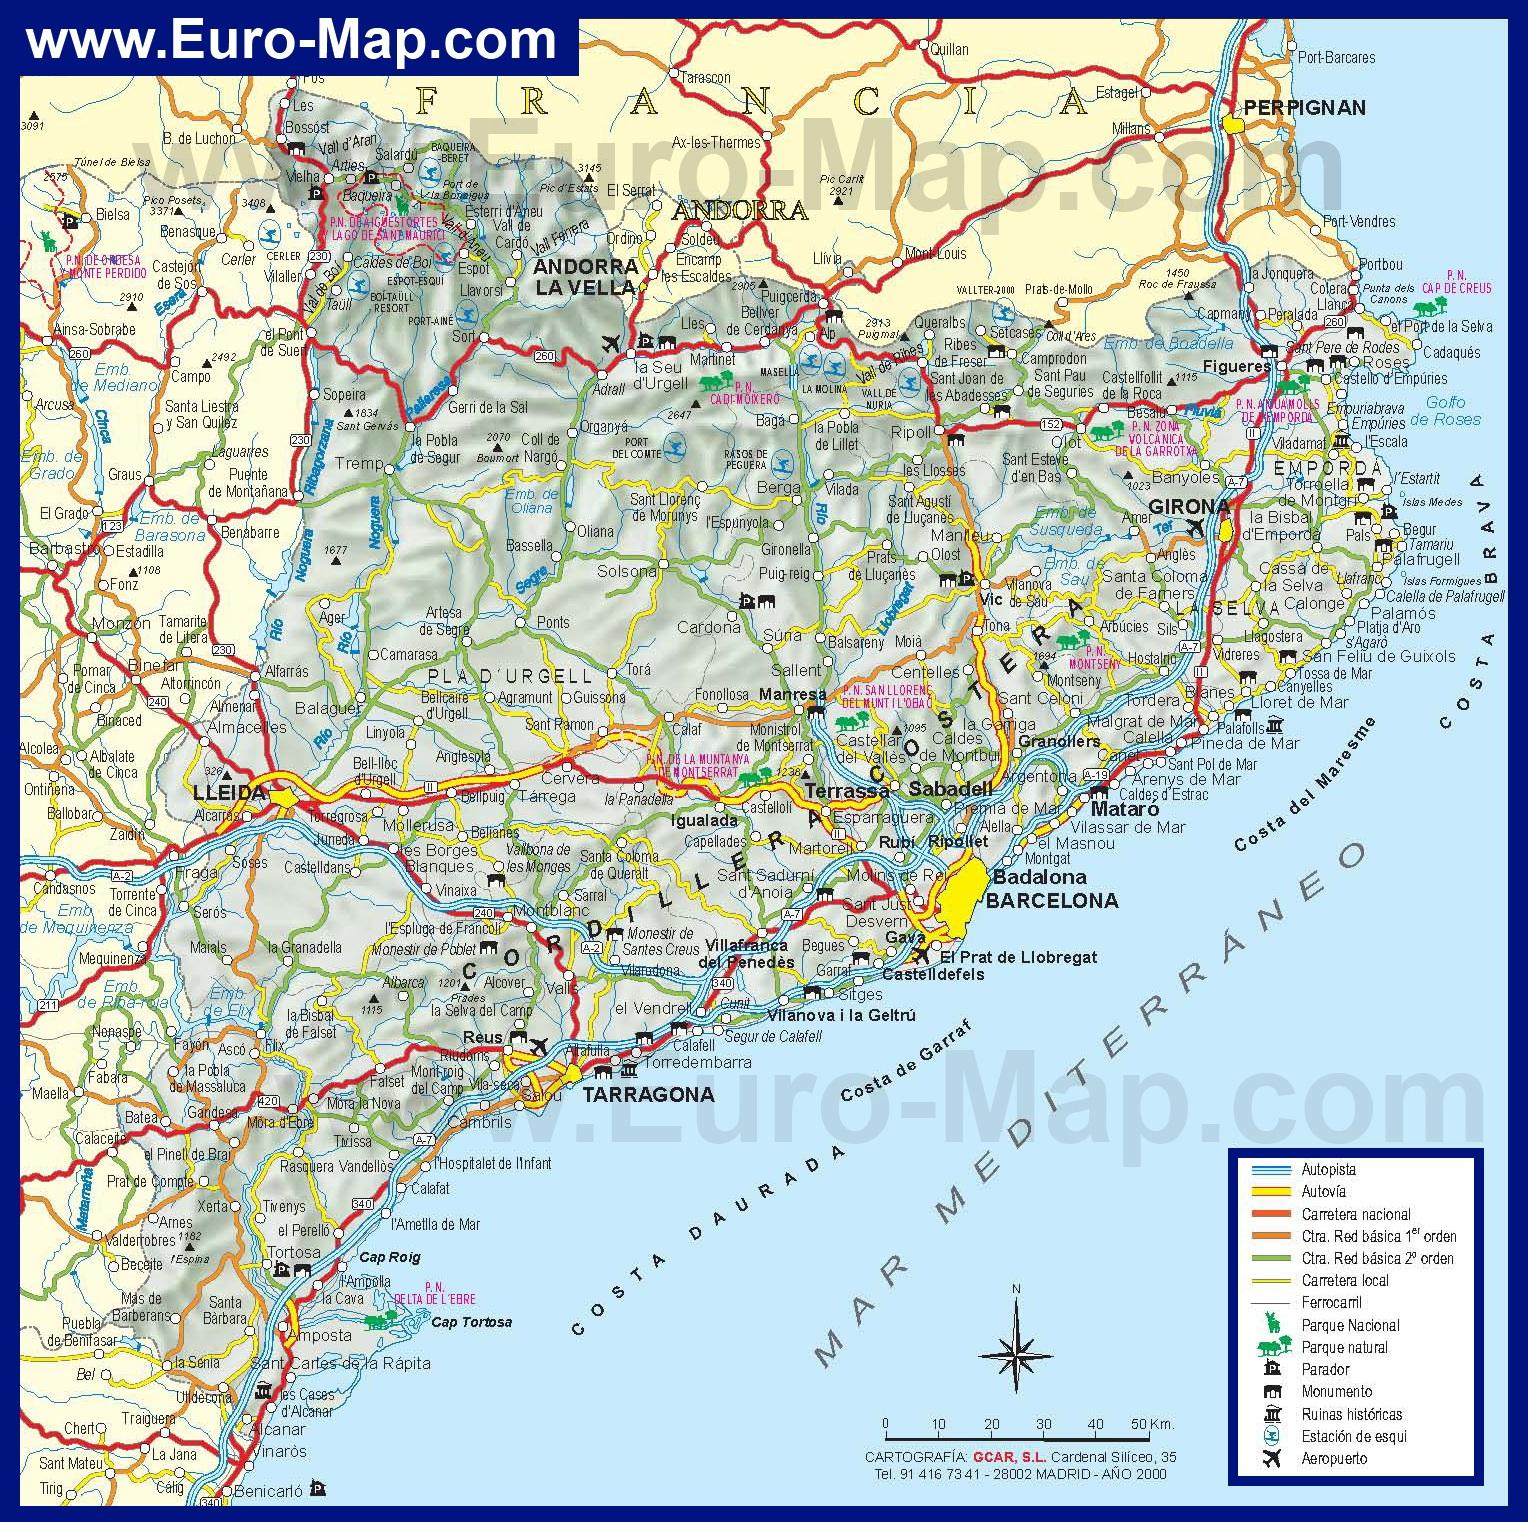 Путеводитель по Каталонии: достопримечательности, как добраться, что посмотреть, что делать, план поездки